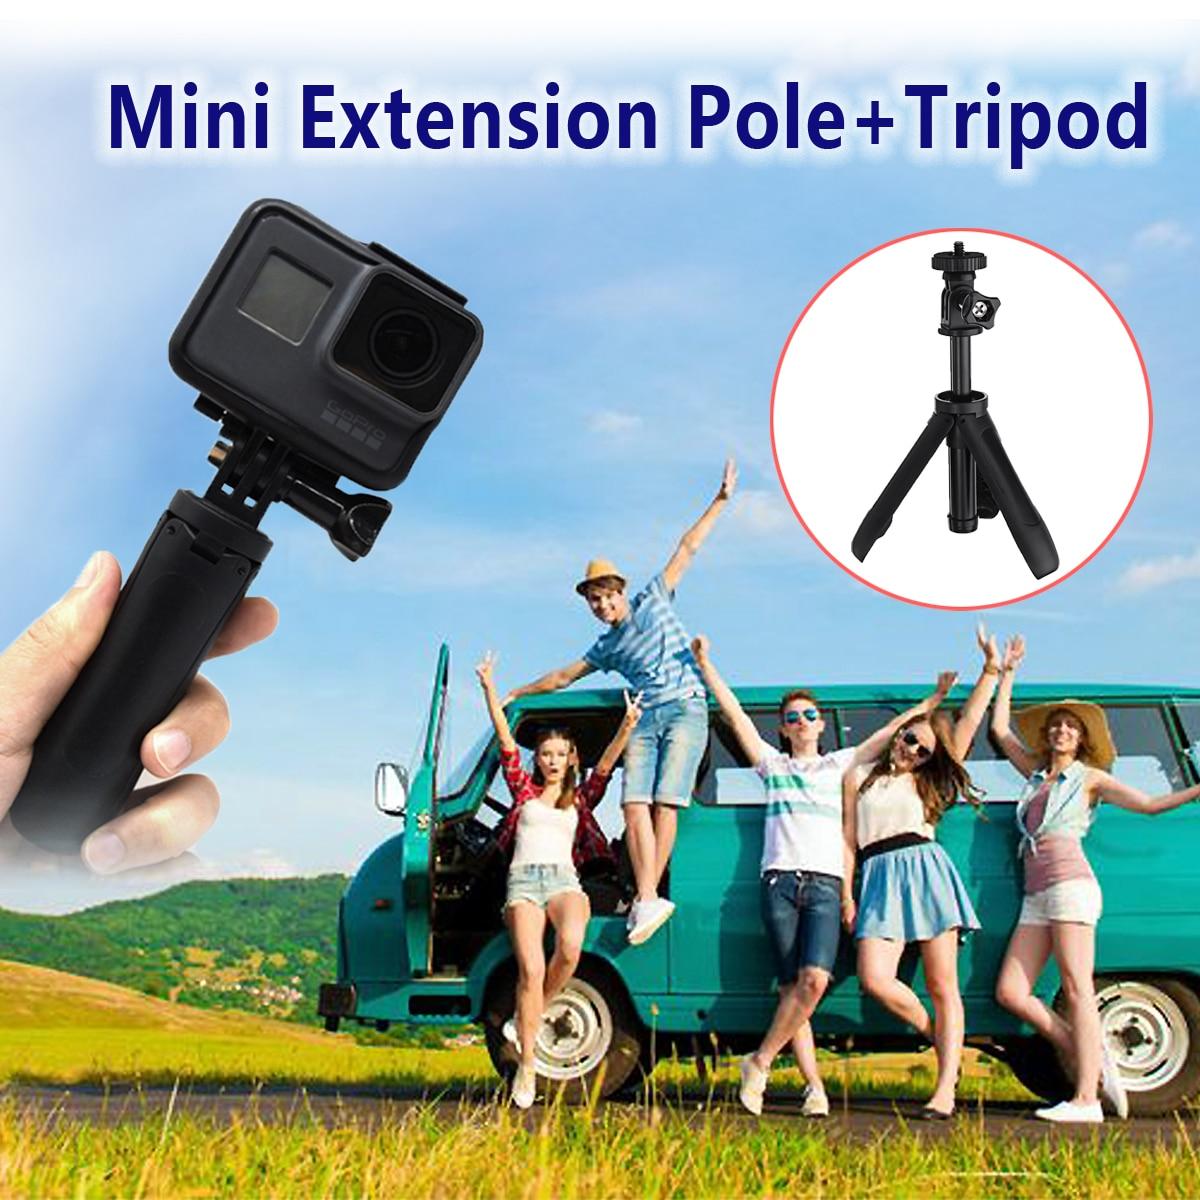 Mini Tragbare Stative Shorty Handgriff Erweiterung Pole Erweiterbar Einbein-stativ Selfie Stick für iPhone für Gopro sport kameras